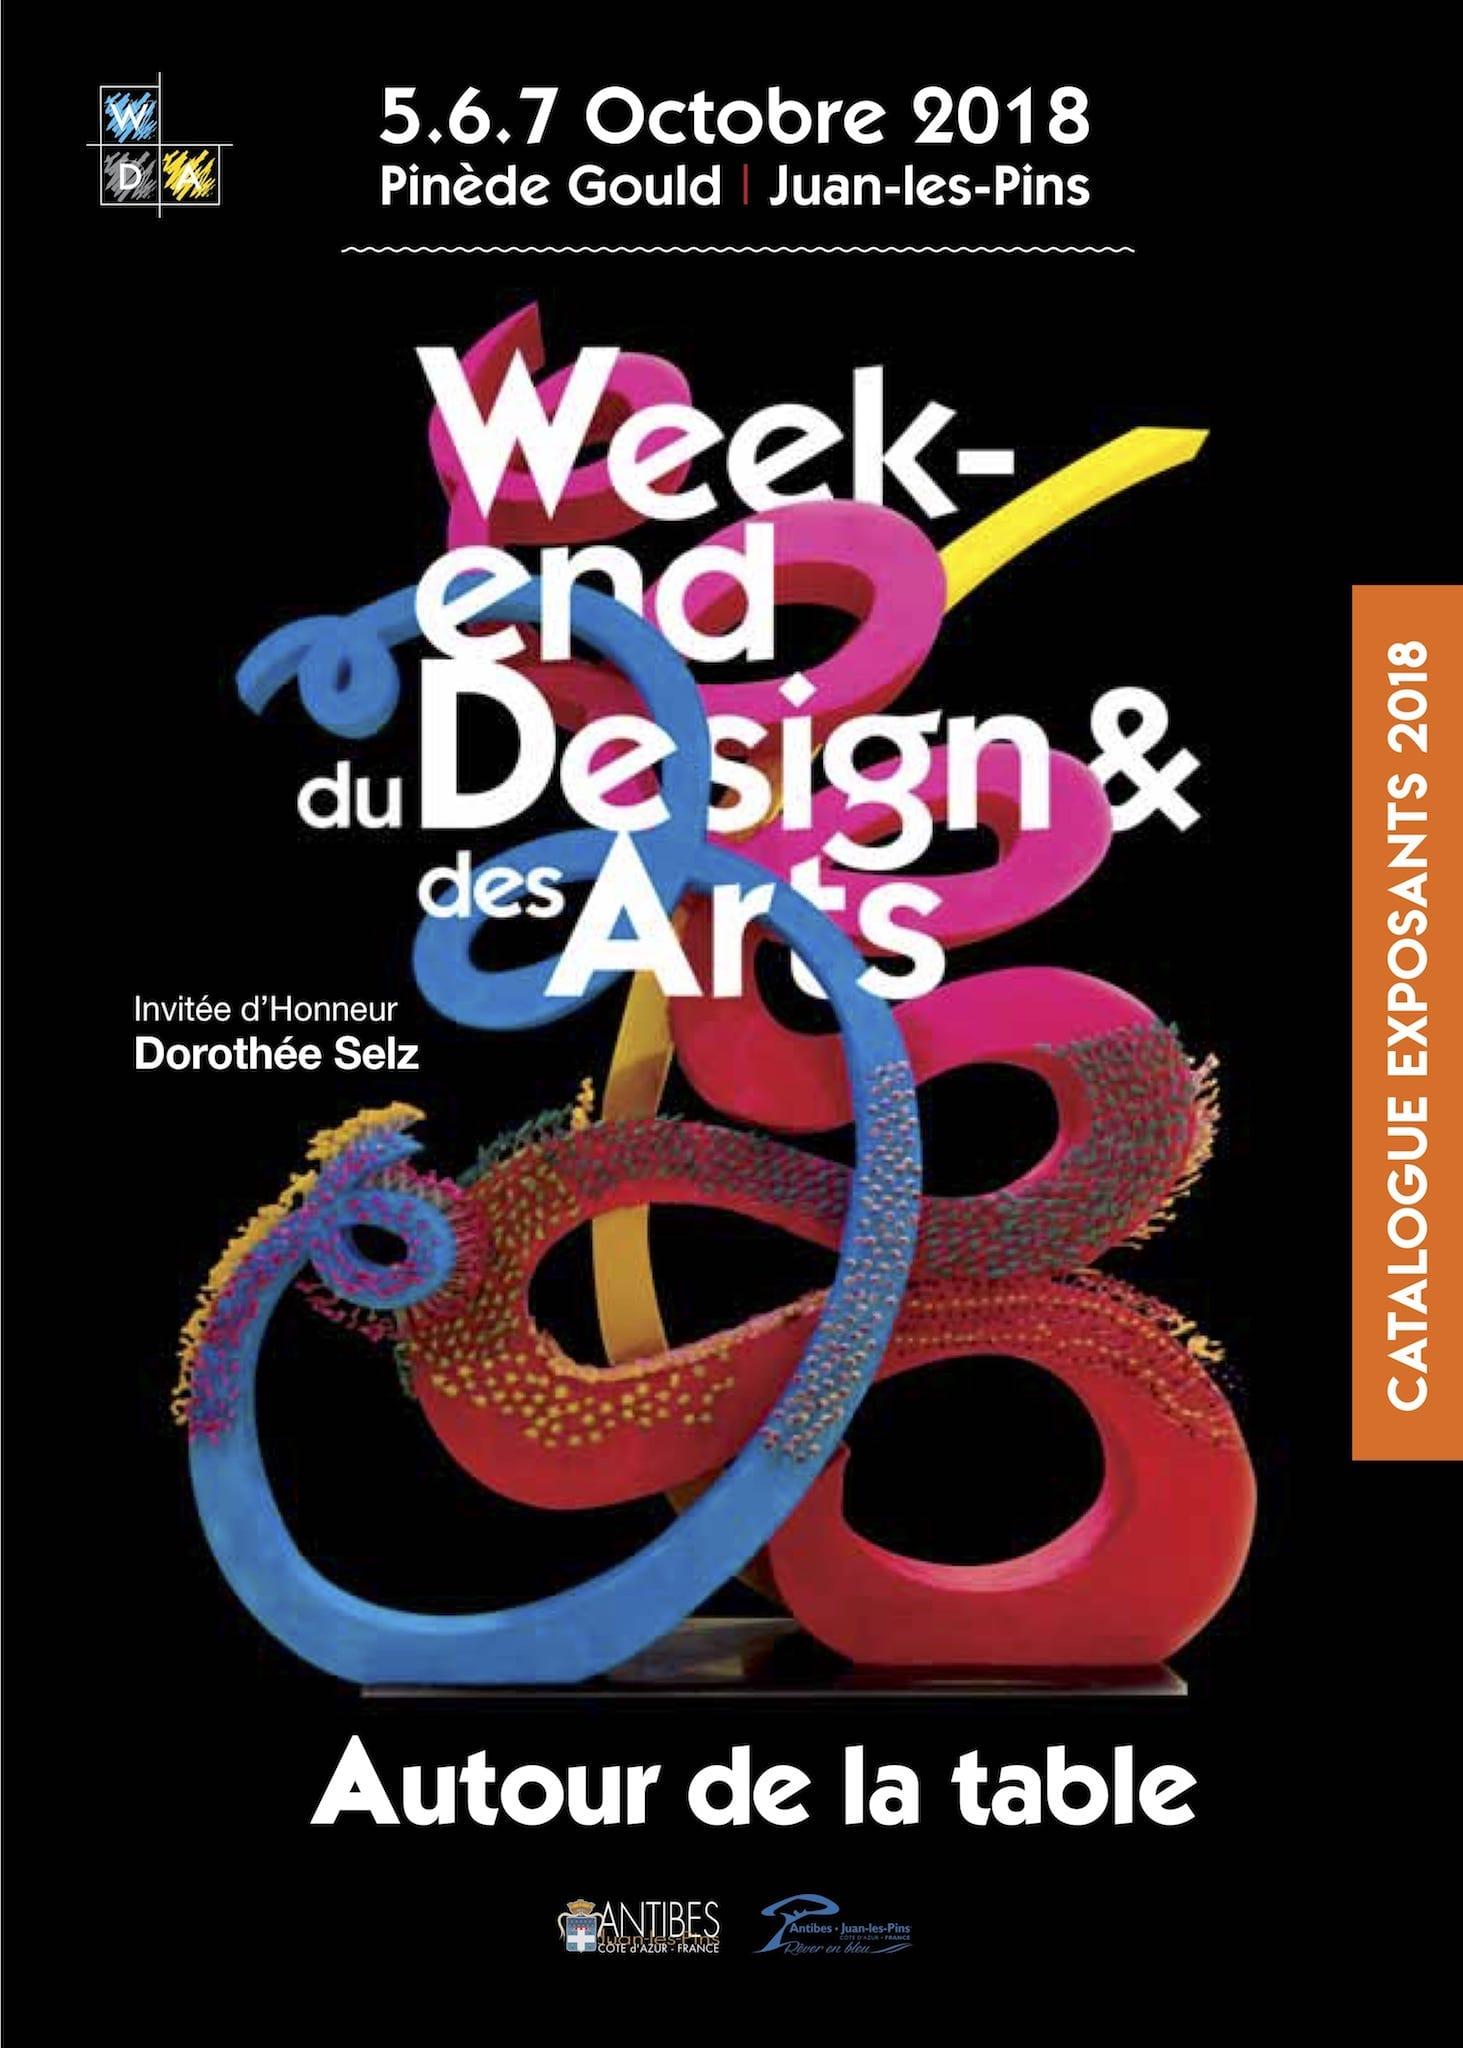 Salon Week-end du Design & des Arts – Autour de la table – Octobre 2018 – à Juan les Pins – Pinède Gould